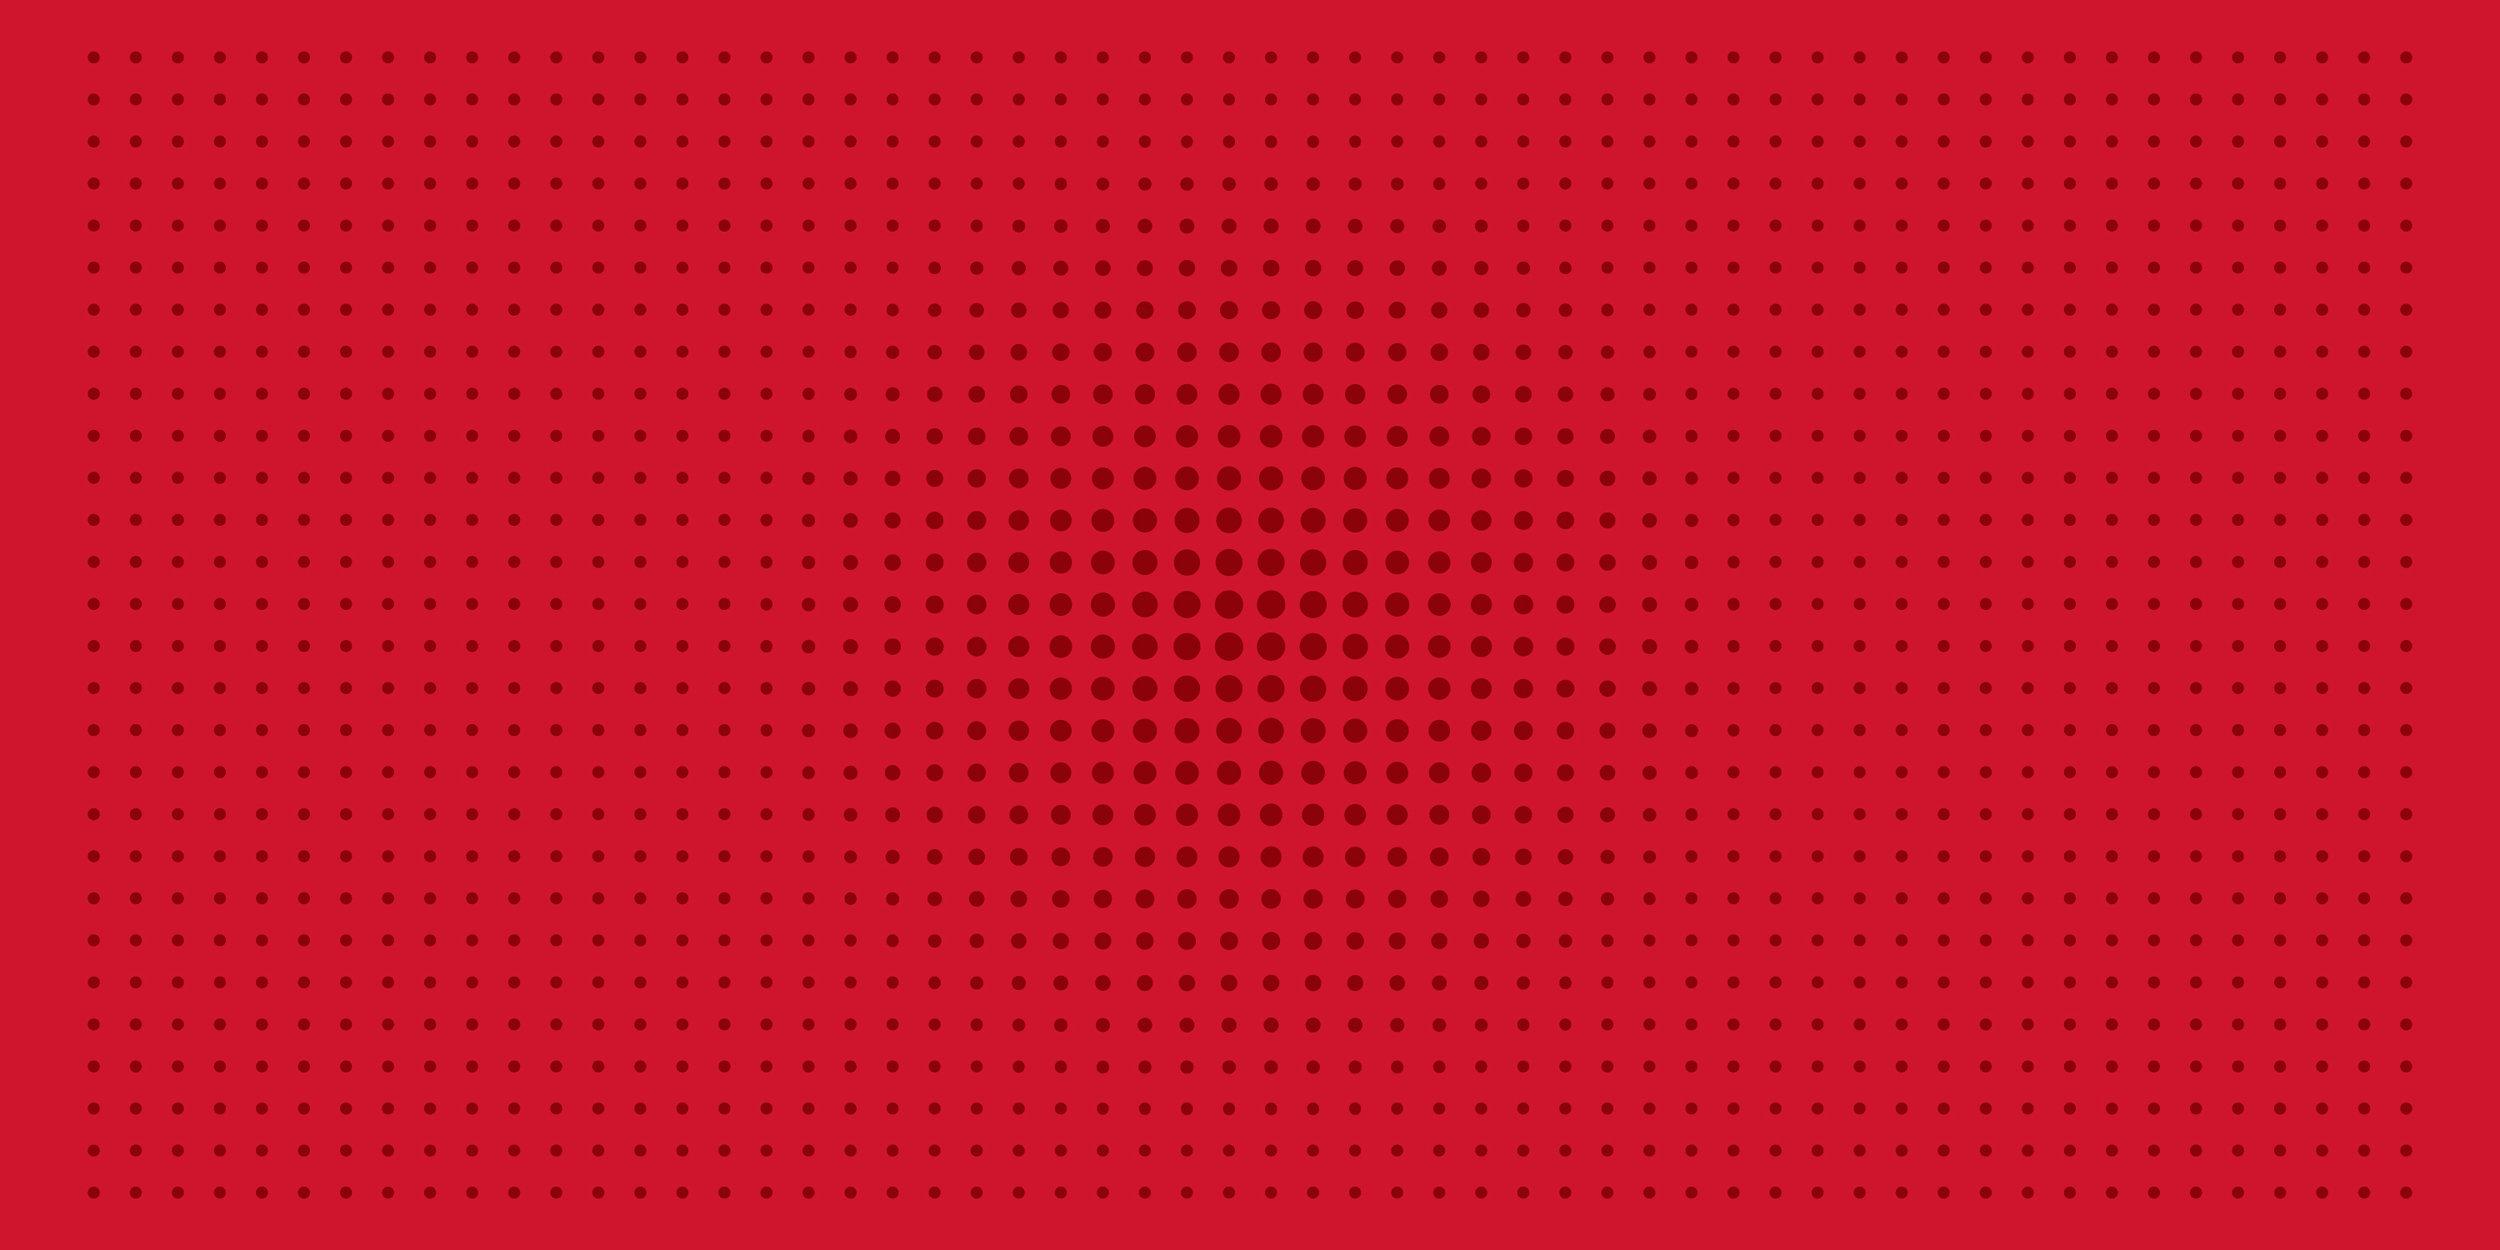 ronaldvillegas-medical-city-pattern-1.jpg